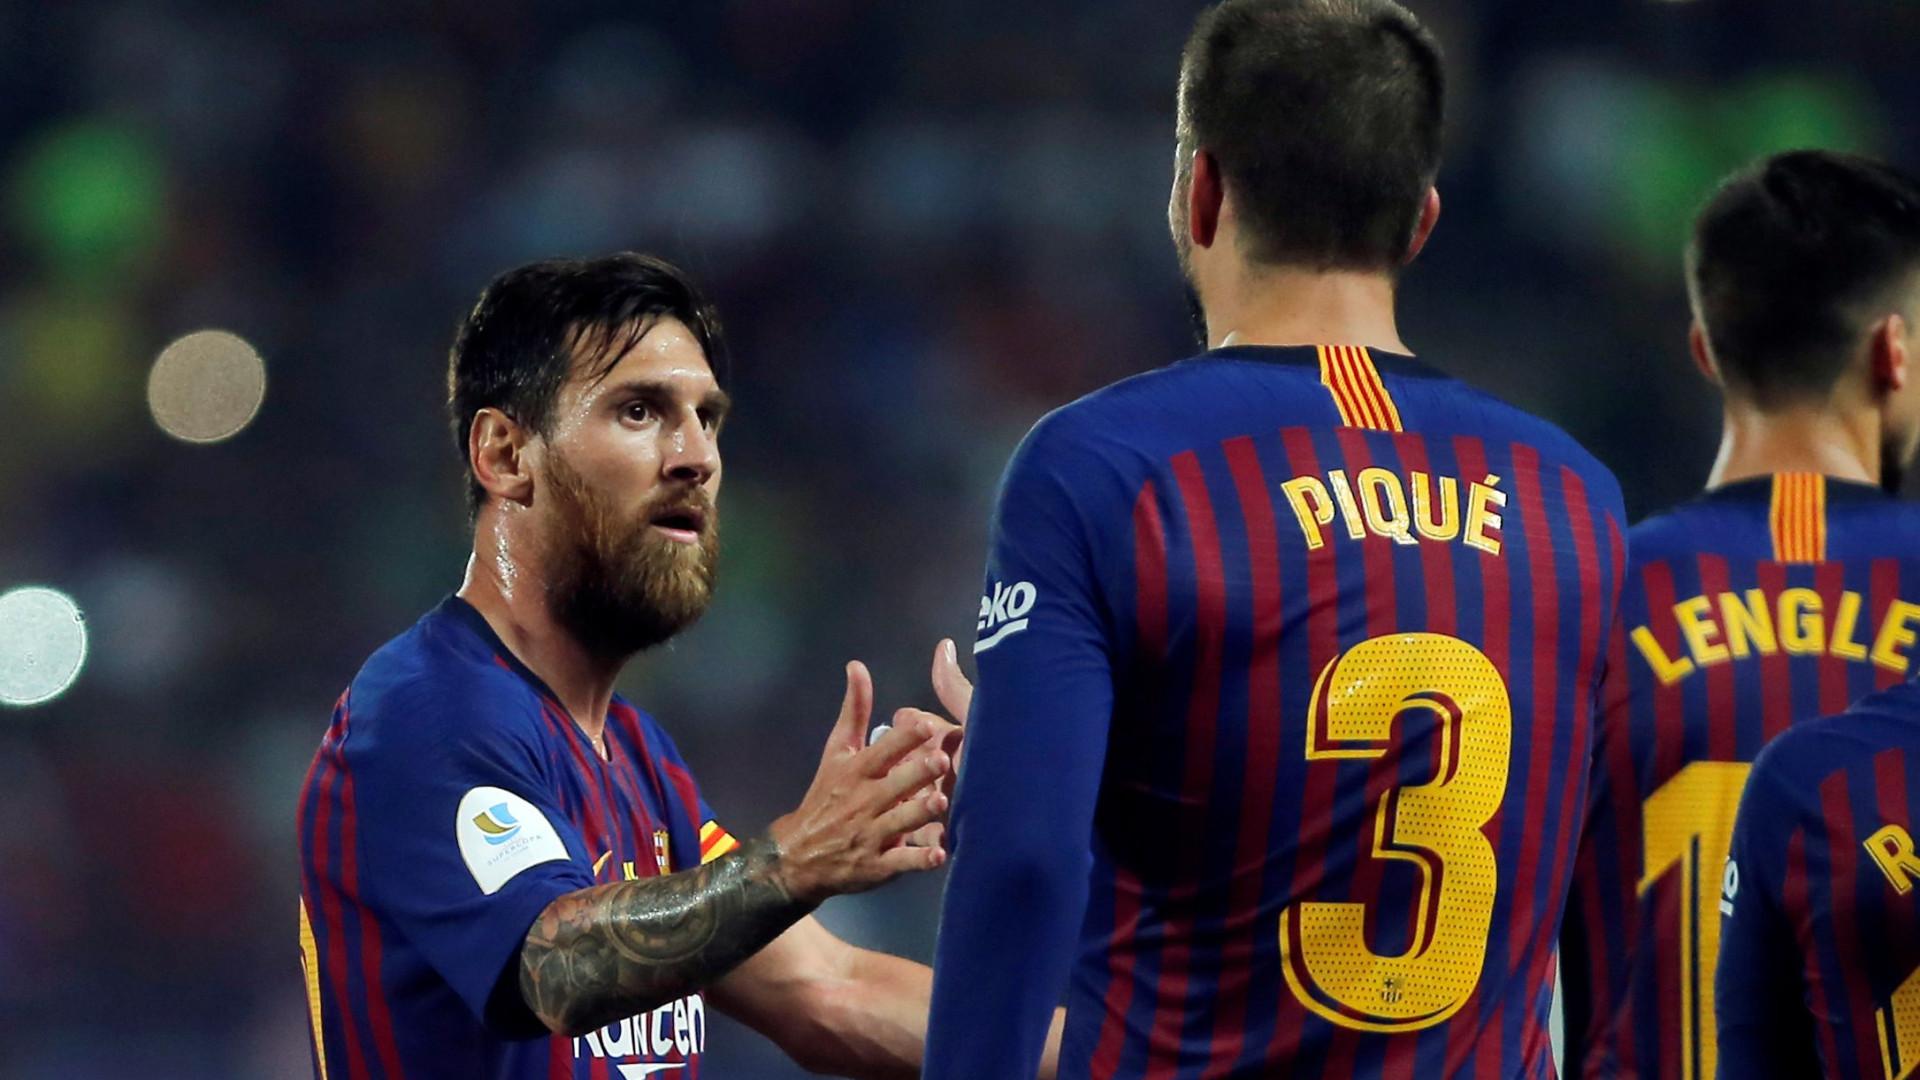 """O 'conselho' de Piqué: """"Desculpe mister, mas aqui não se grita"""""""